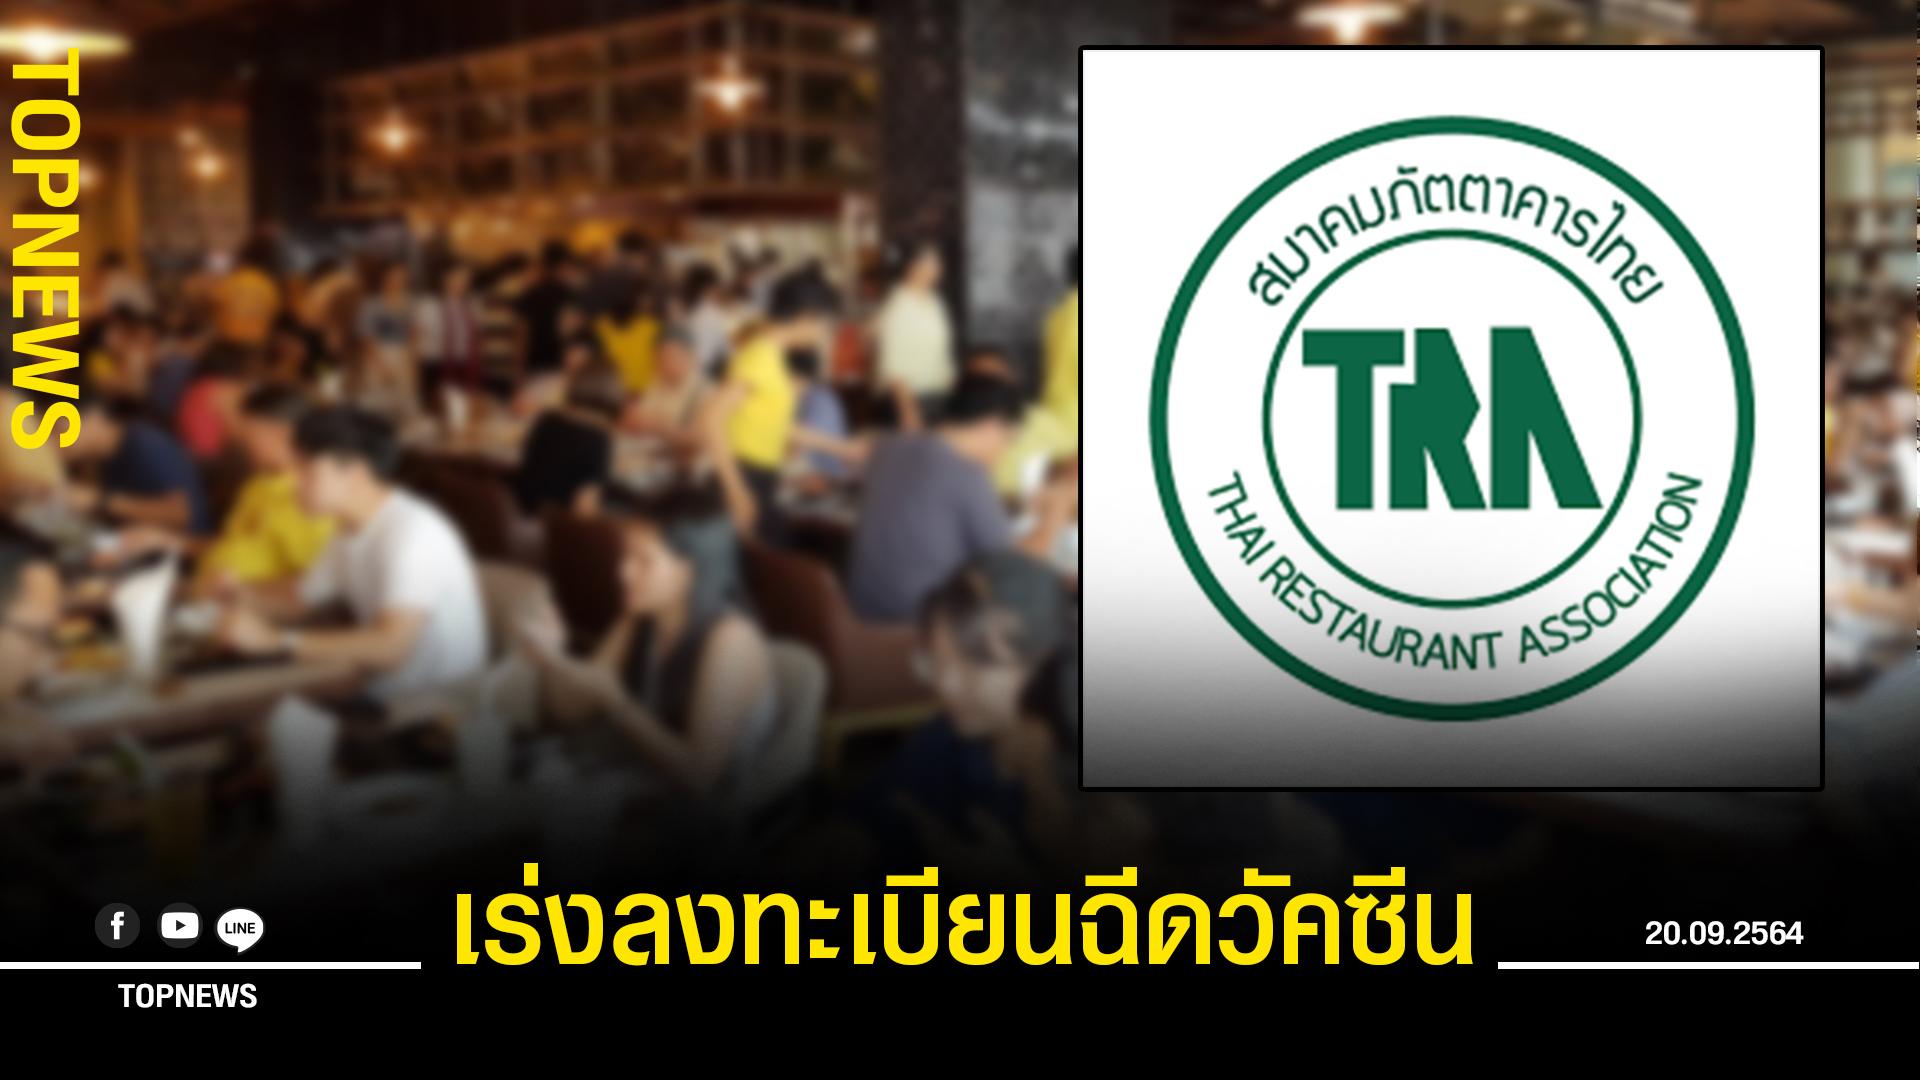 สมาคมภัตตาคารไทย เร่งคนร้านอาหาร ลงทะเบียนฉีดวัคซีนโควต้าฯ ภายใน 22 ก.ย.นี้